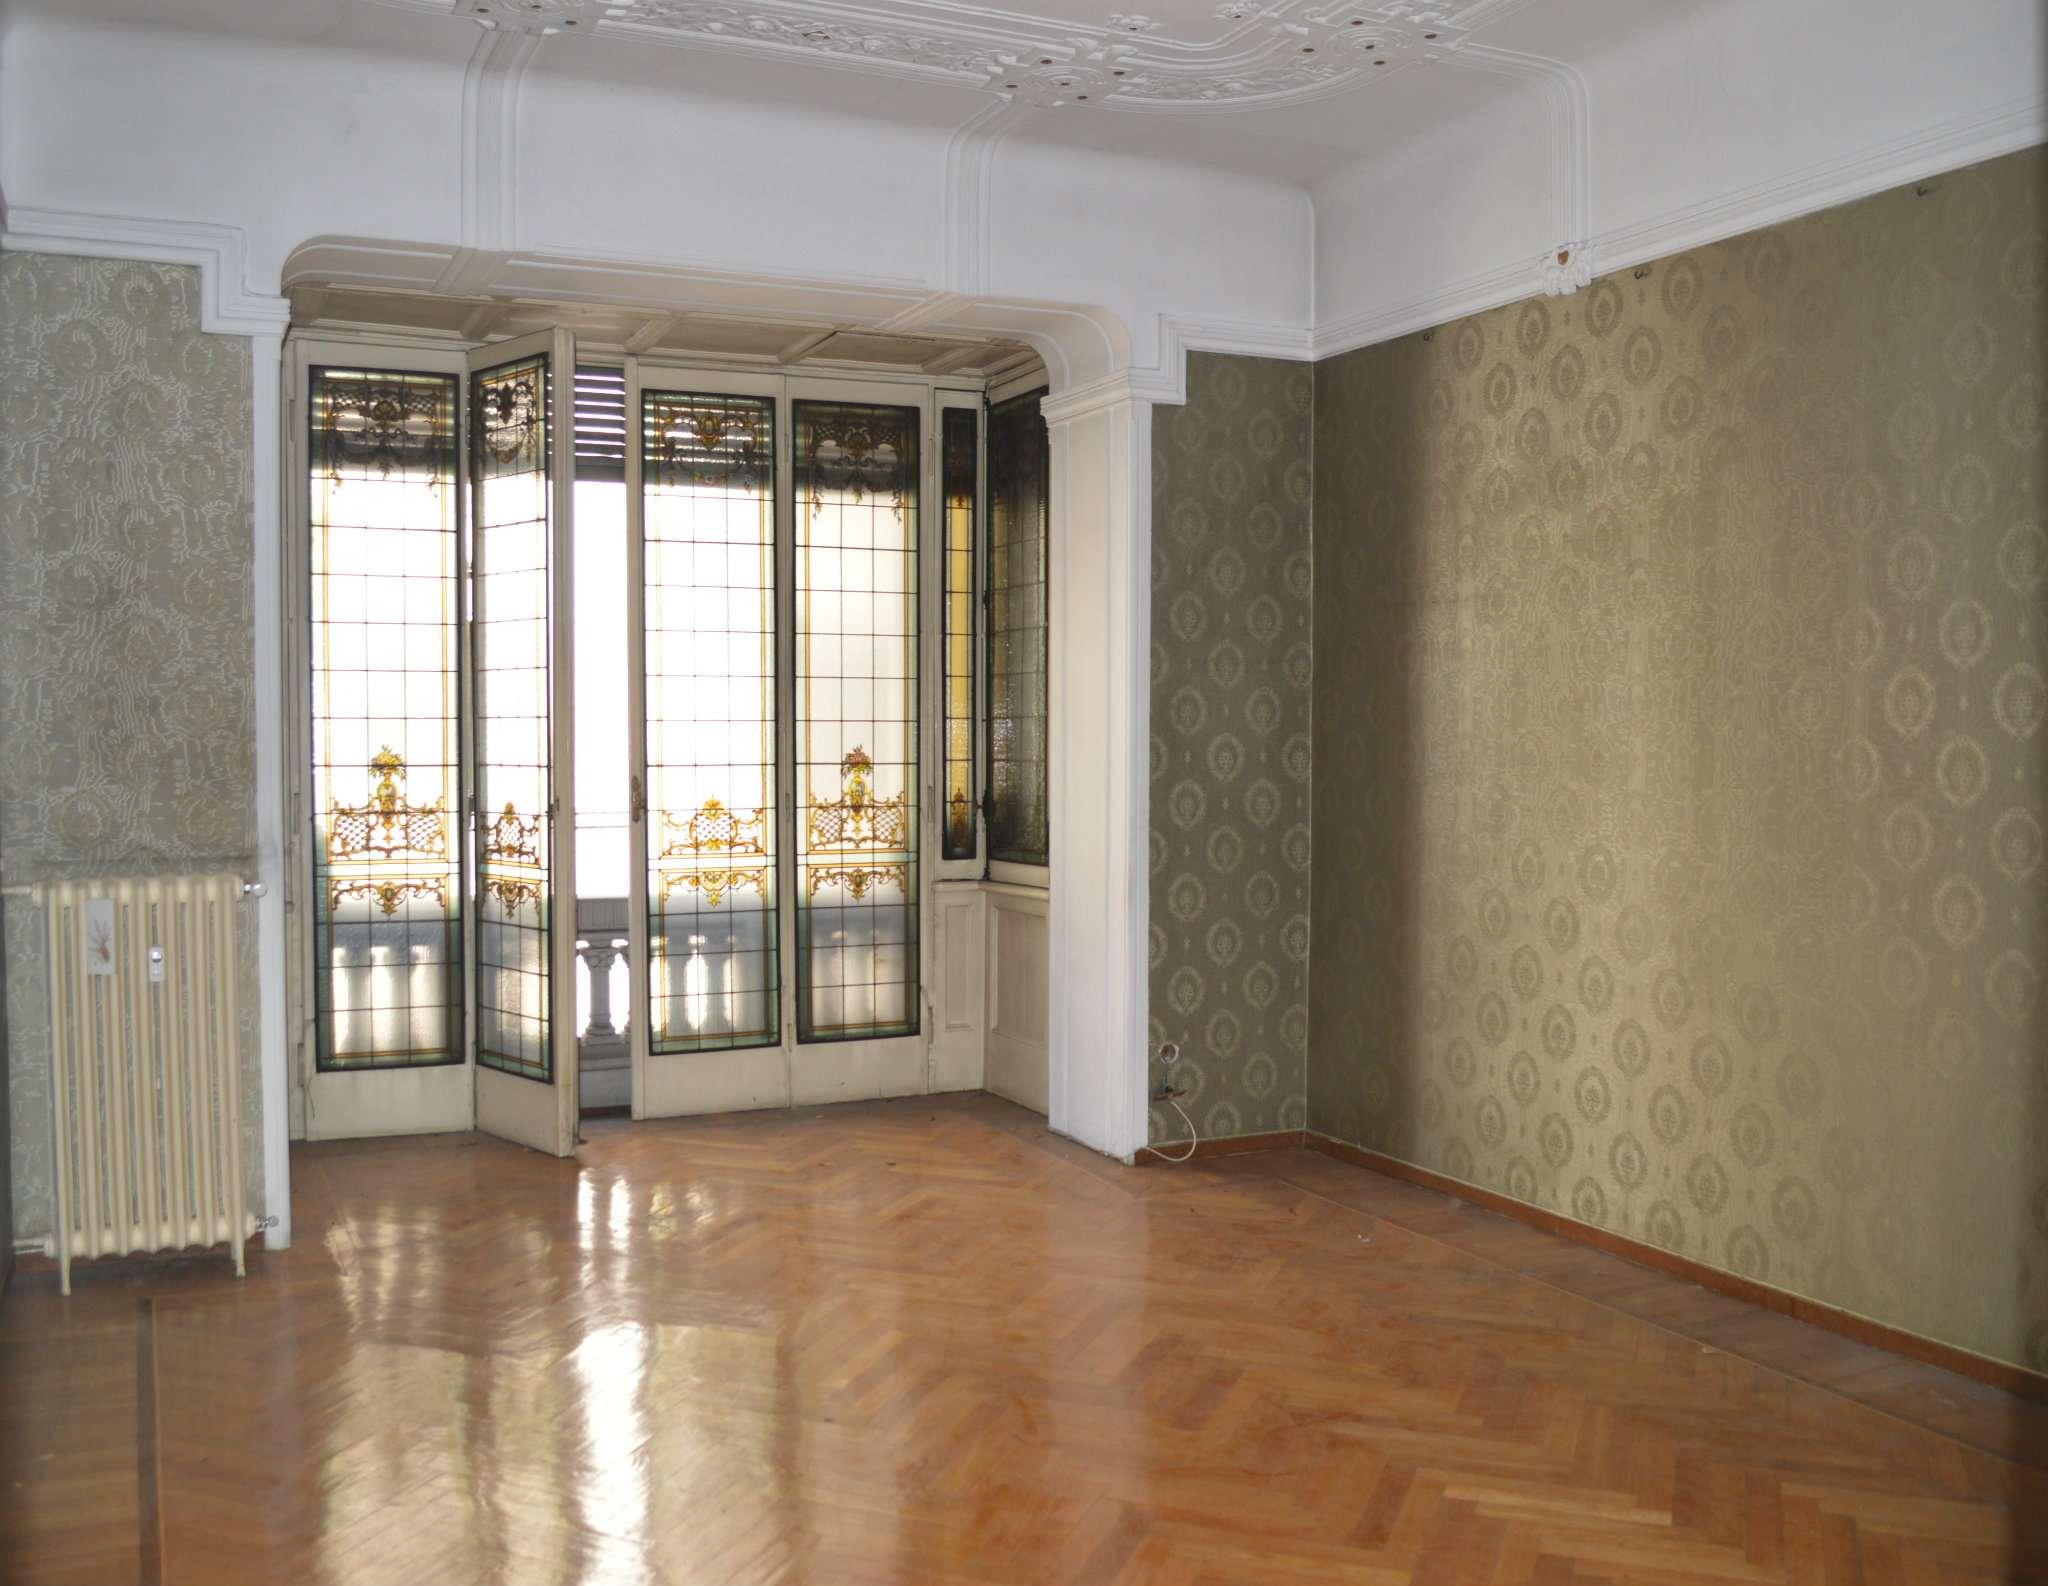 Palazzo in Vendita a Milano 01 Centro storico (Cerchia dei Navigli): 5 locali, 340 mq